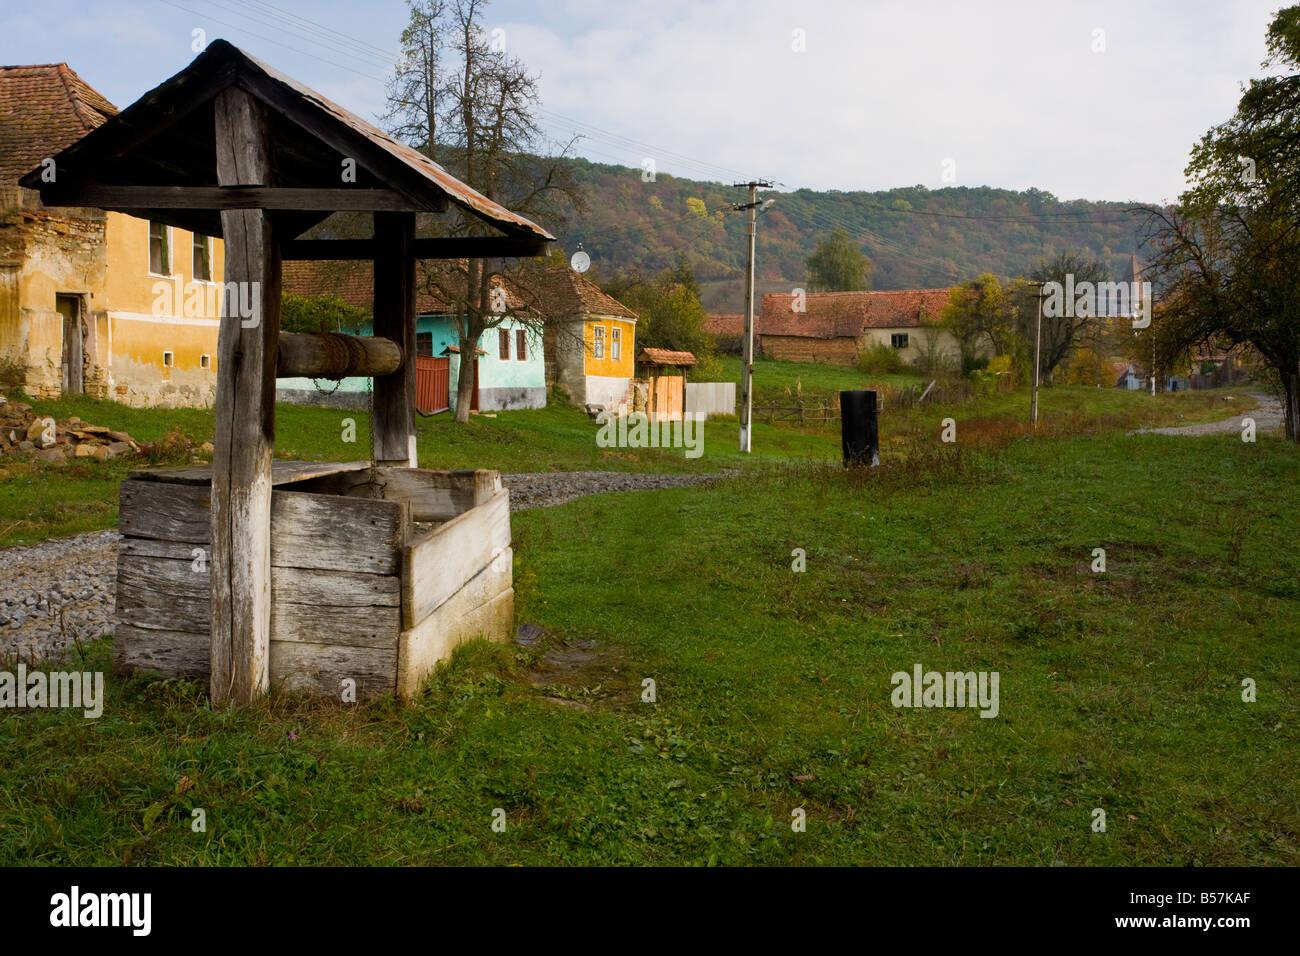 Traditional old well in the saxon village of Mesendorf or Meschendorf saxon villages Transylvania Romania Stock Photo